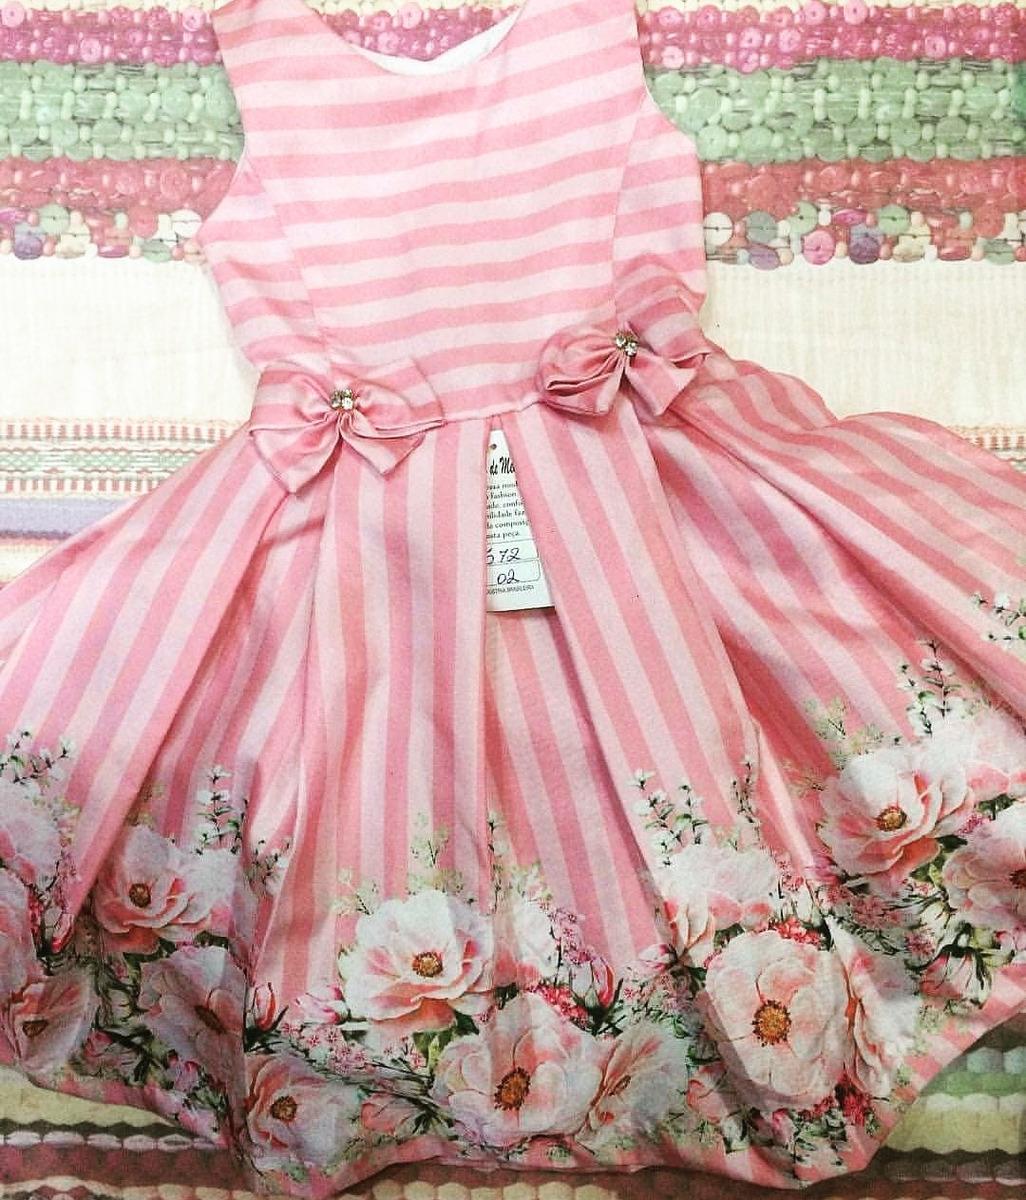 952f85693fd8 Vestido Infantil Rosa Com Estampa Floral Tamanho 10 - R$ 100,00 em ...